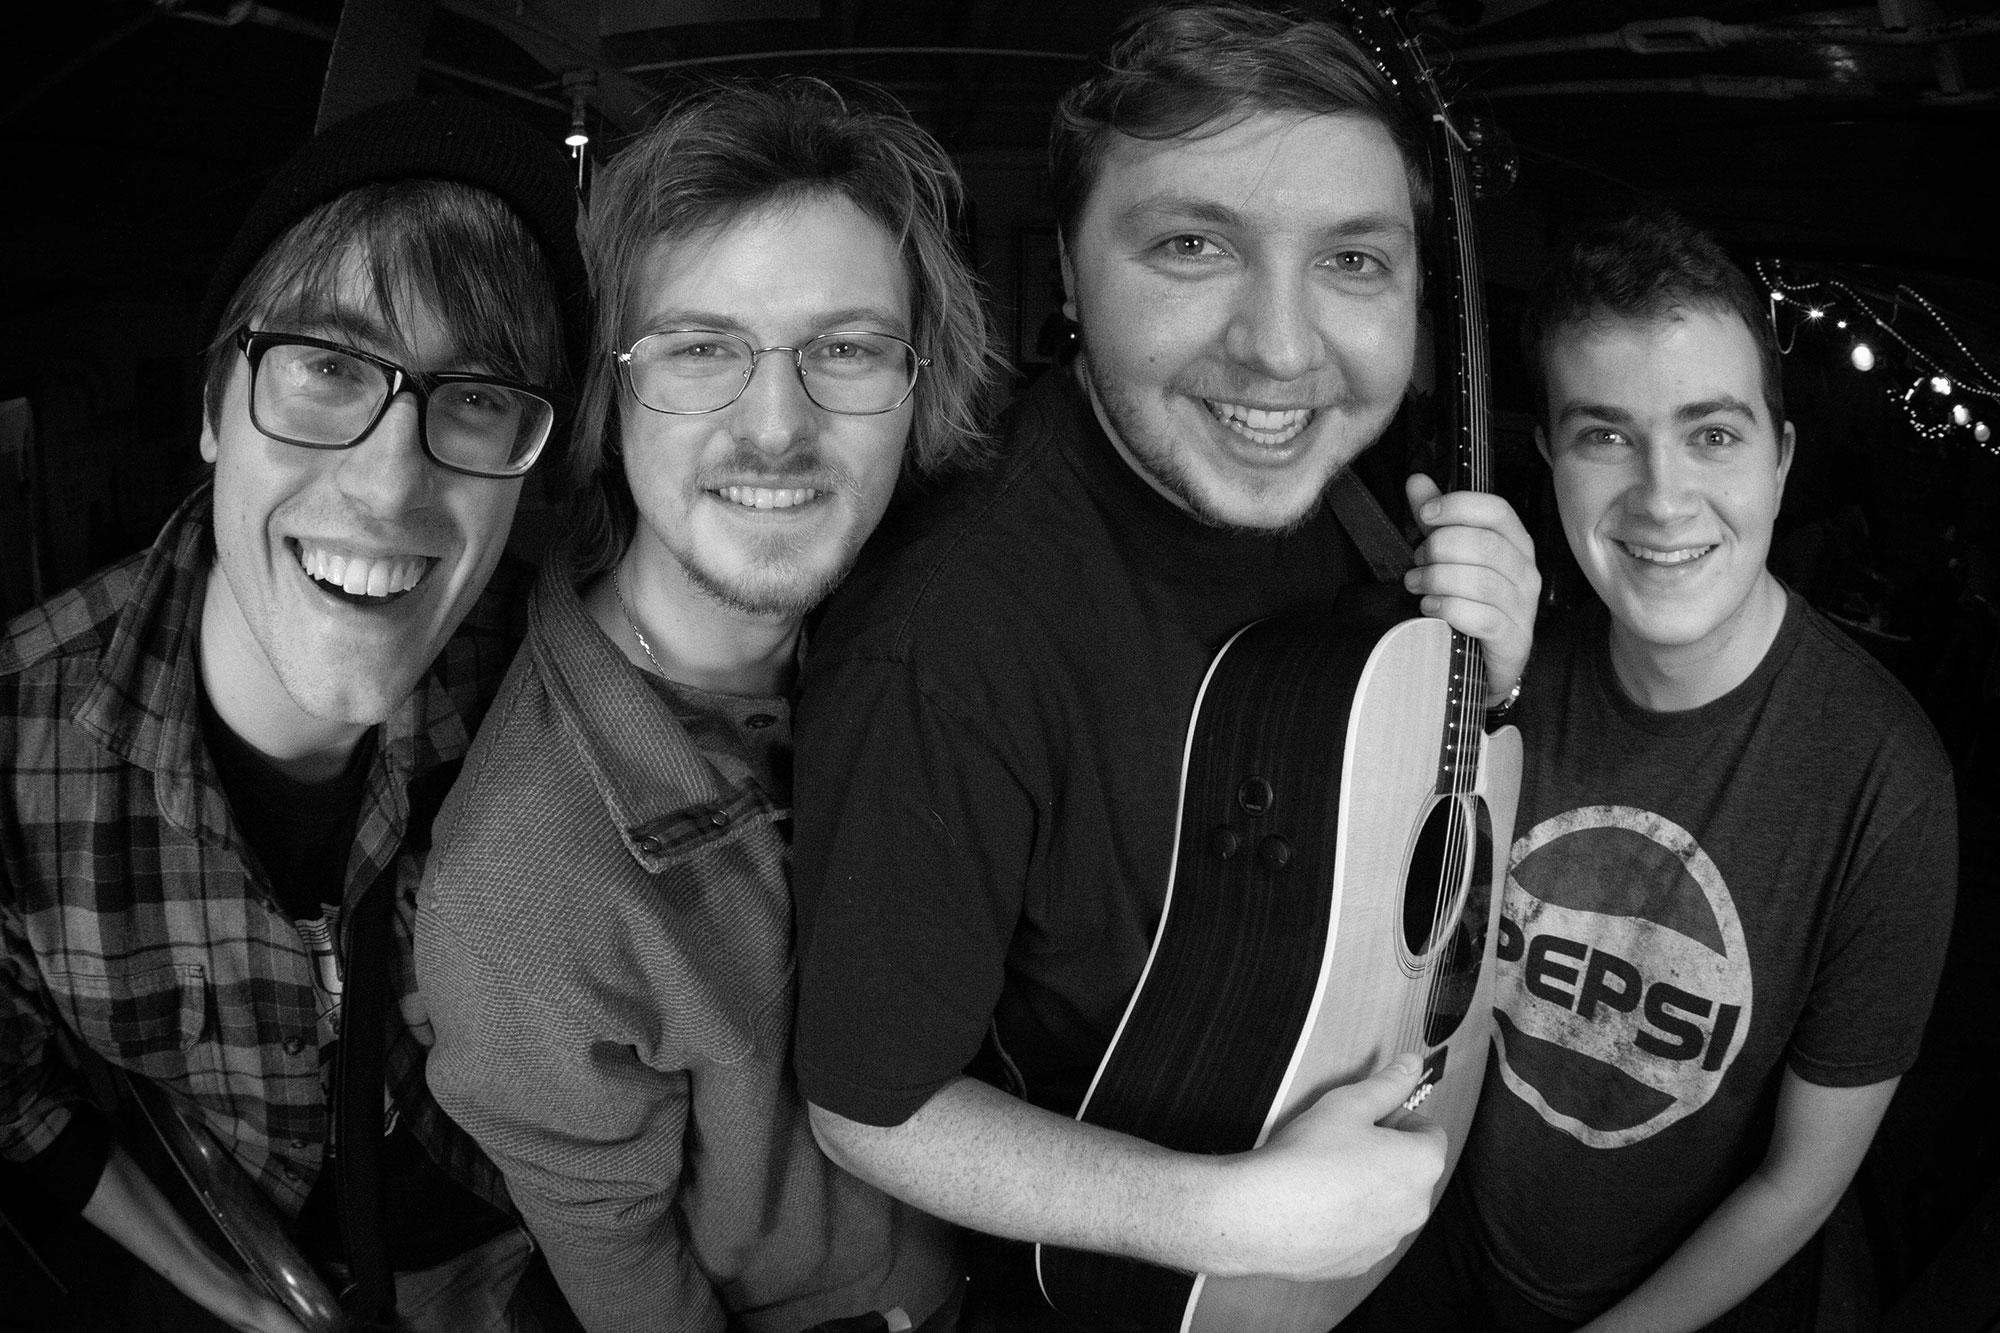 Alex, Colin, Chris, and John